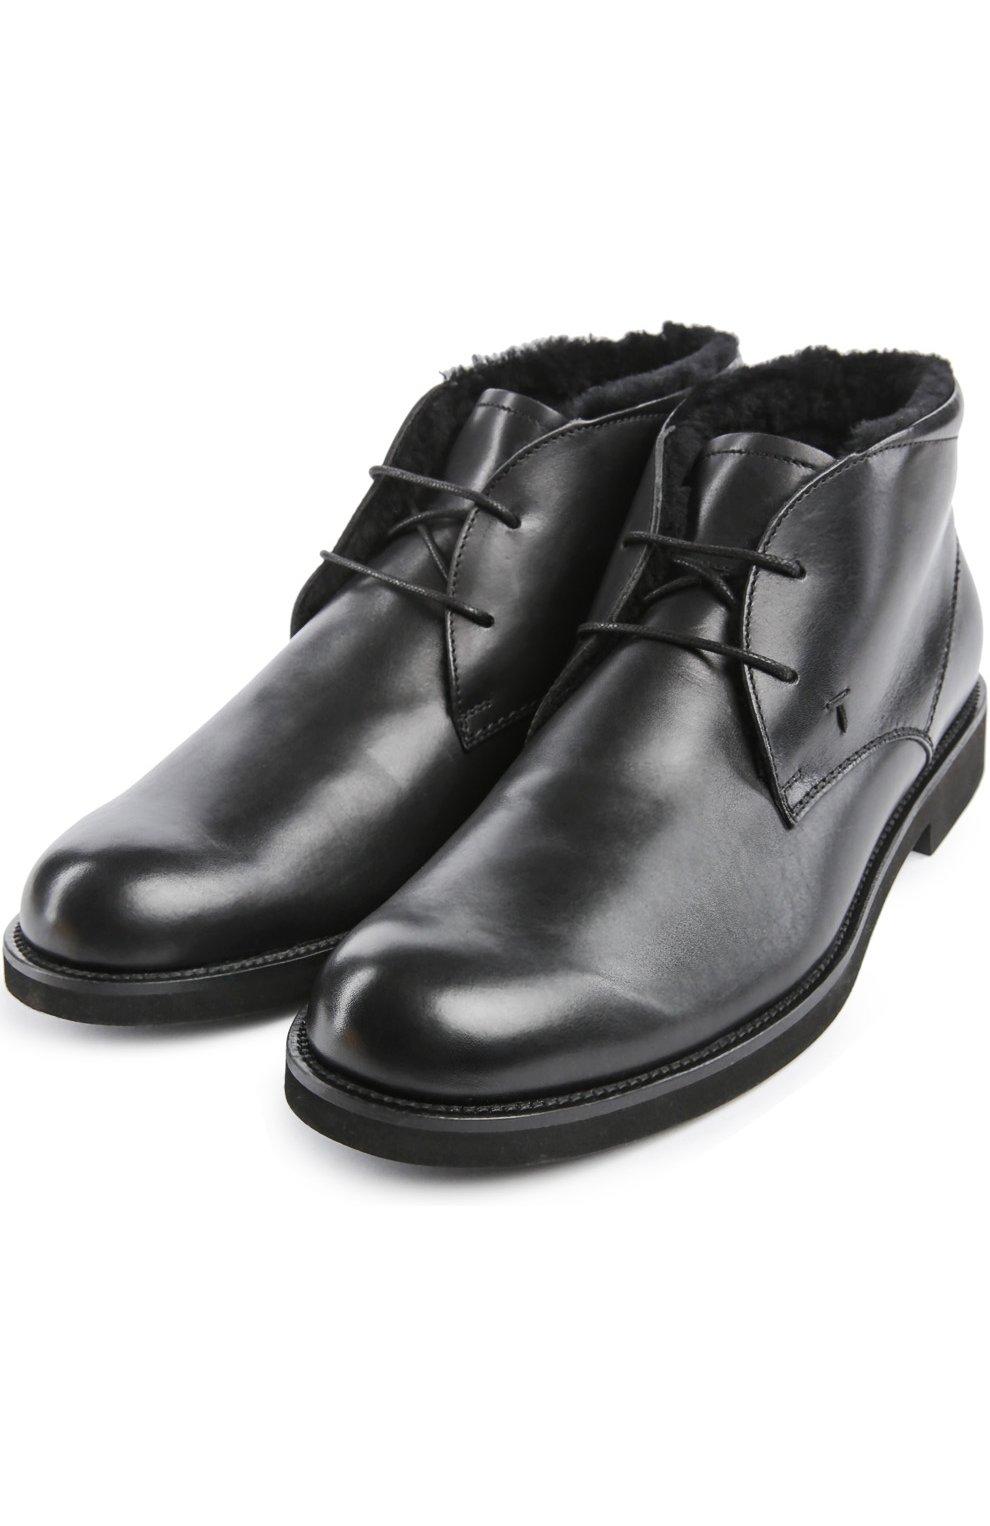 Ботинки Gomma Light Wp Tod's черные | Фото №2